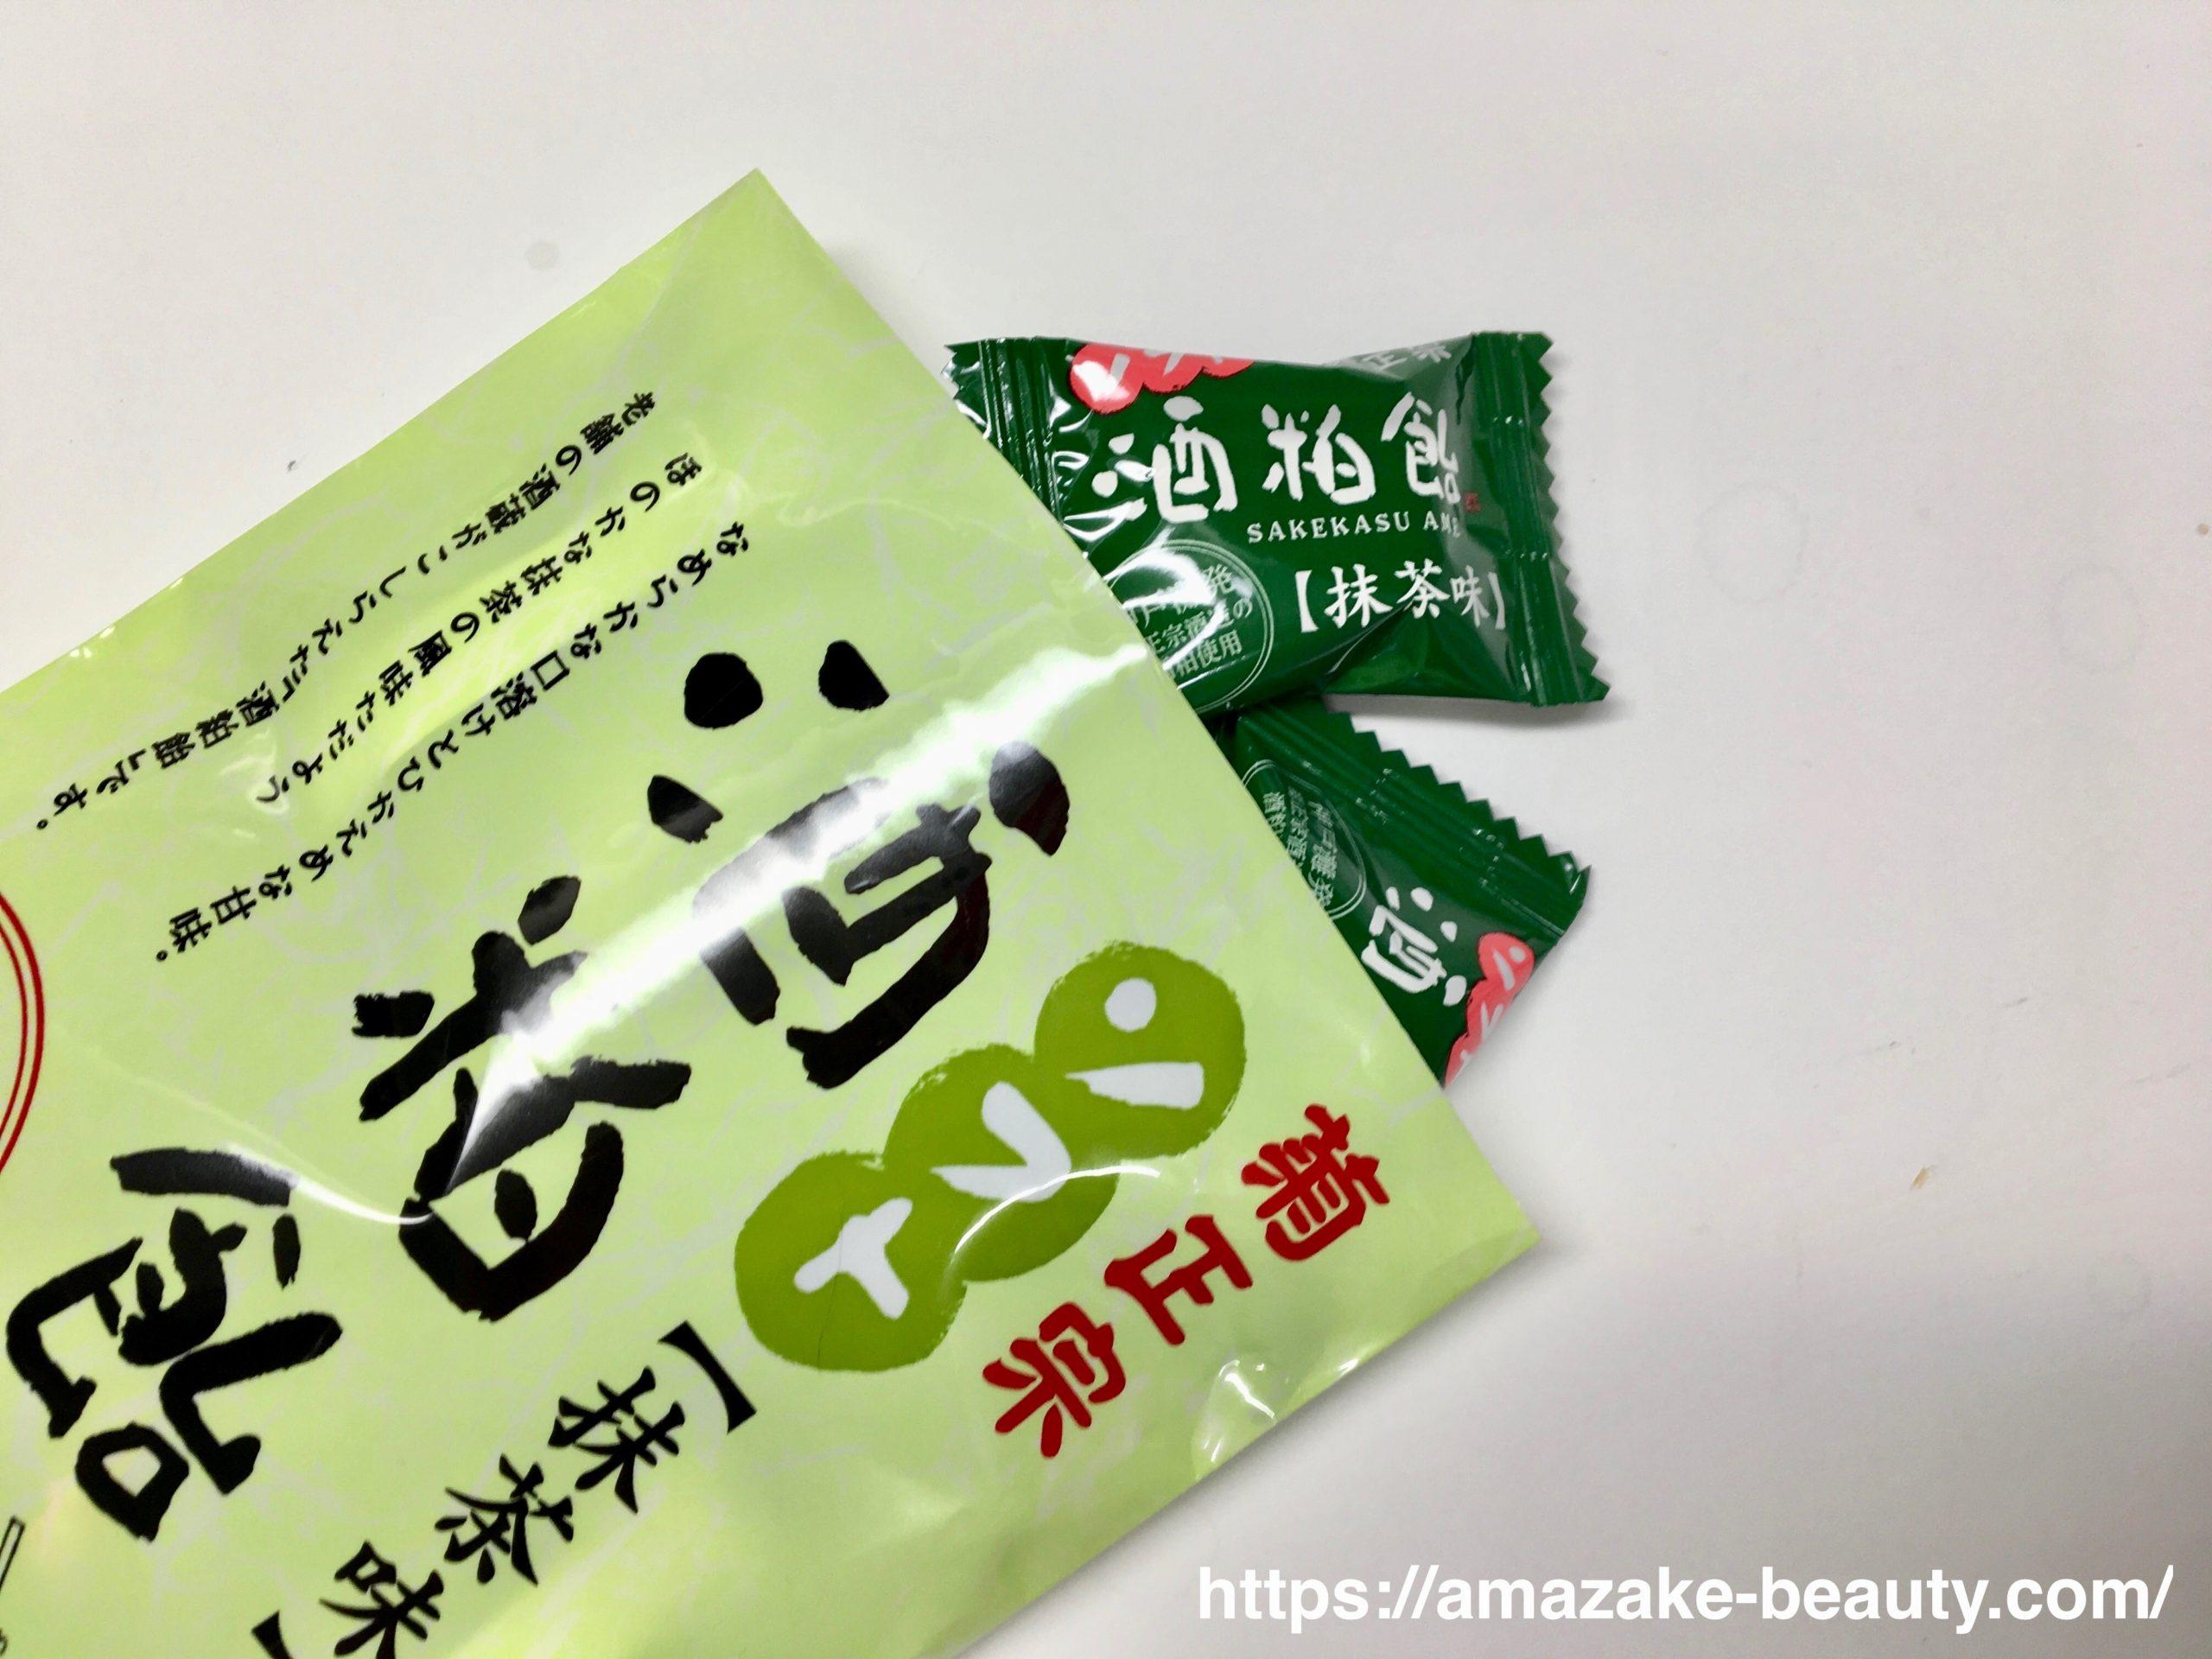 【甘酒甘味】菊正宗『ソフト酒粕飴(抹茶味)』(パッケージの中身)